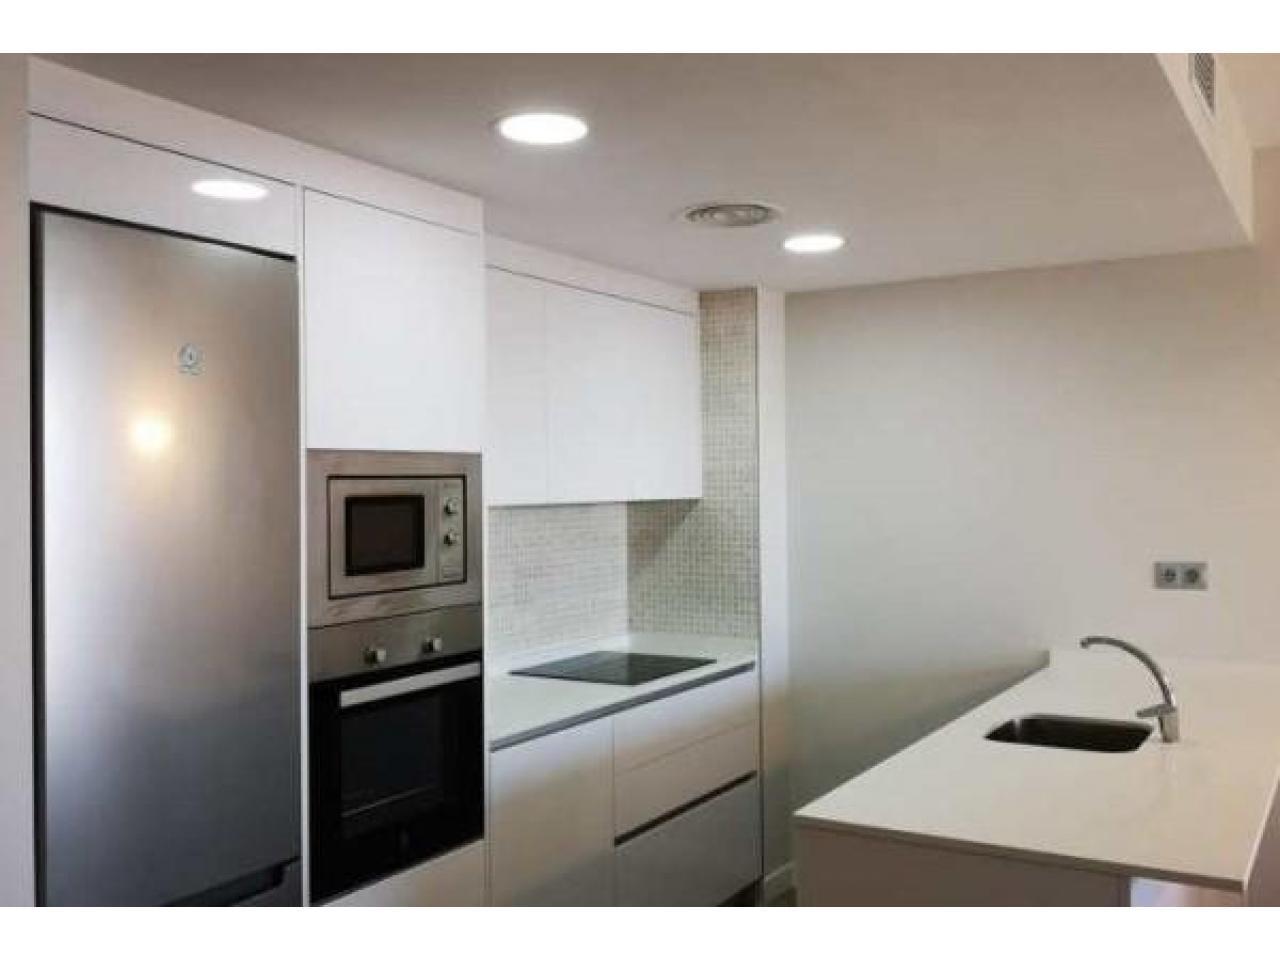 Недвижимость в Испании, Новые квартиры на первой линии пляжа от застройщика в Ла Манга - 7